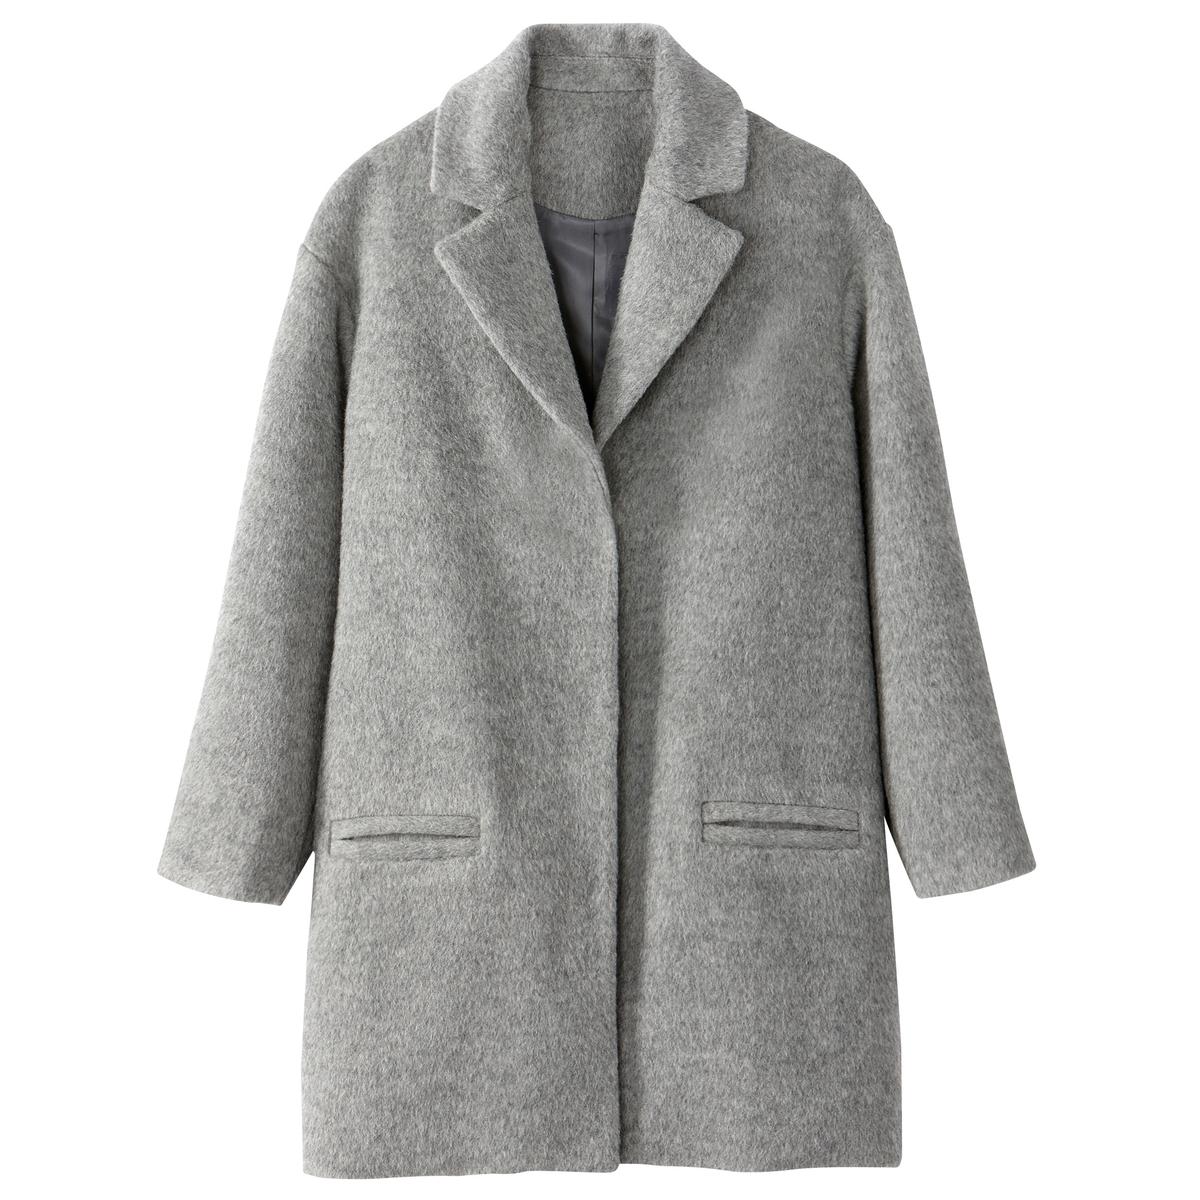 Пальто покроя оверсайз 48 % шерсти с начесом пальто покроя оверсайз 48 % шерсти с начесом